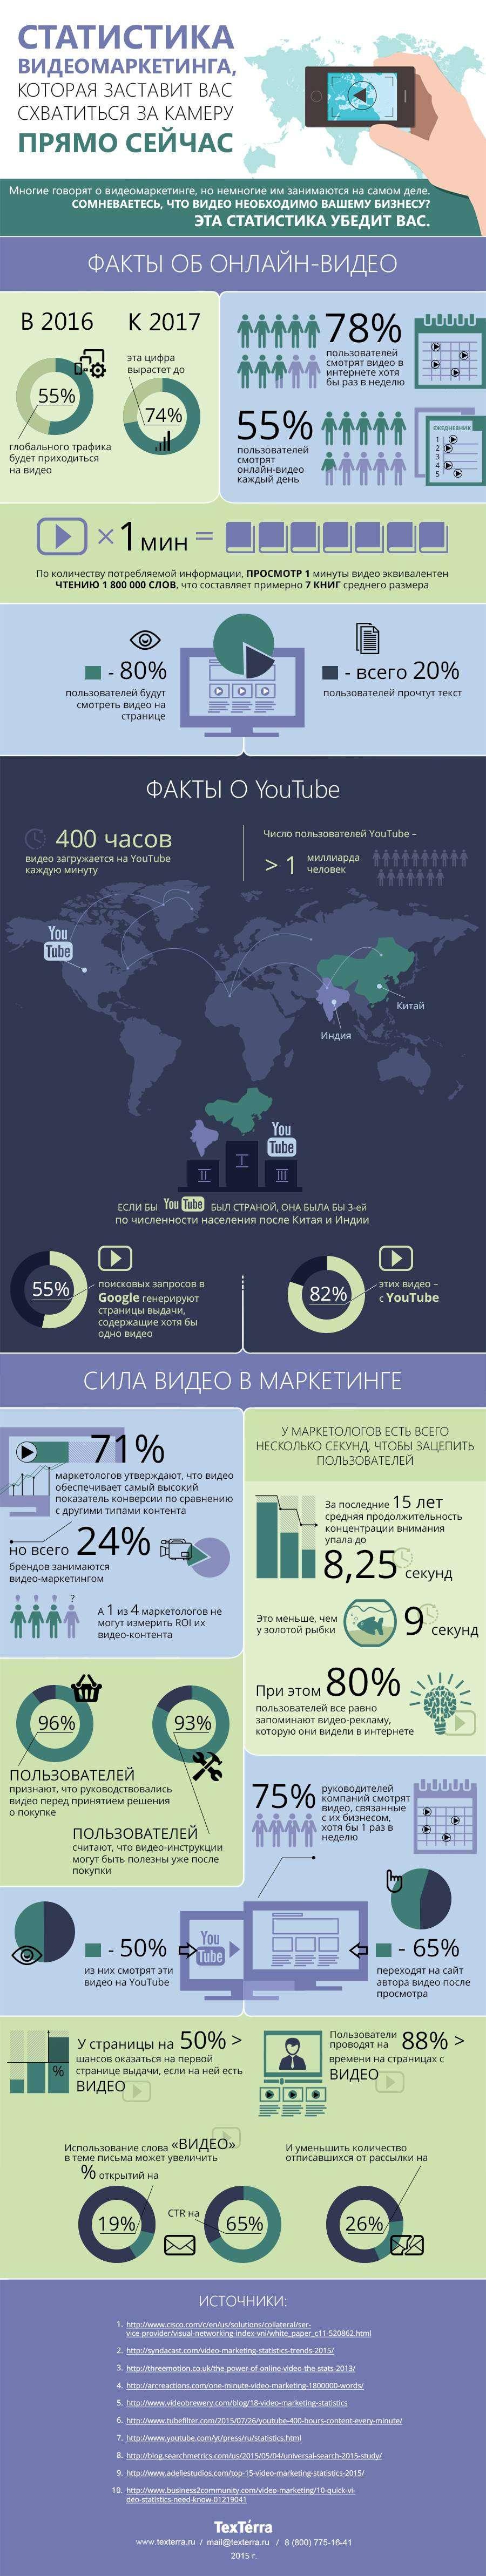 Статистика видеомаркетинга, яка змусить вас схопитися за камеру прямо зараз (інфографіка)